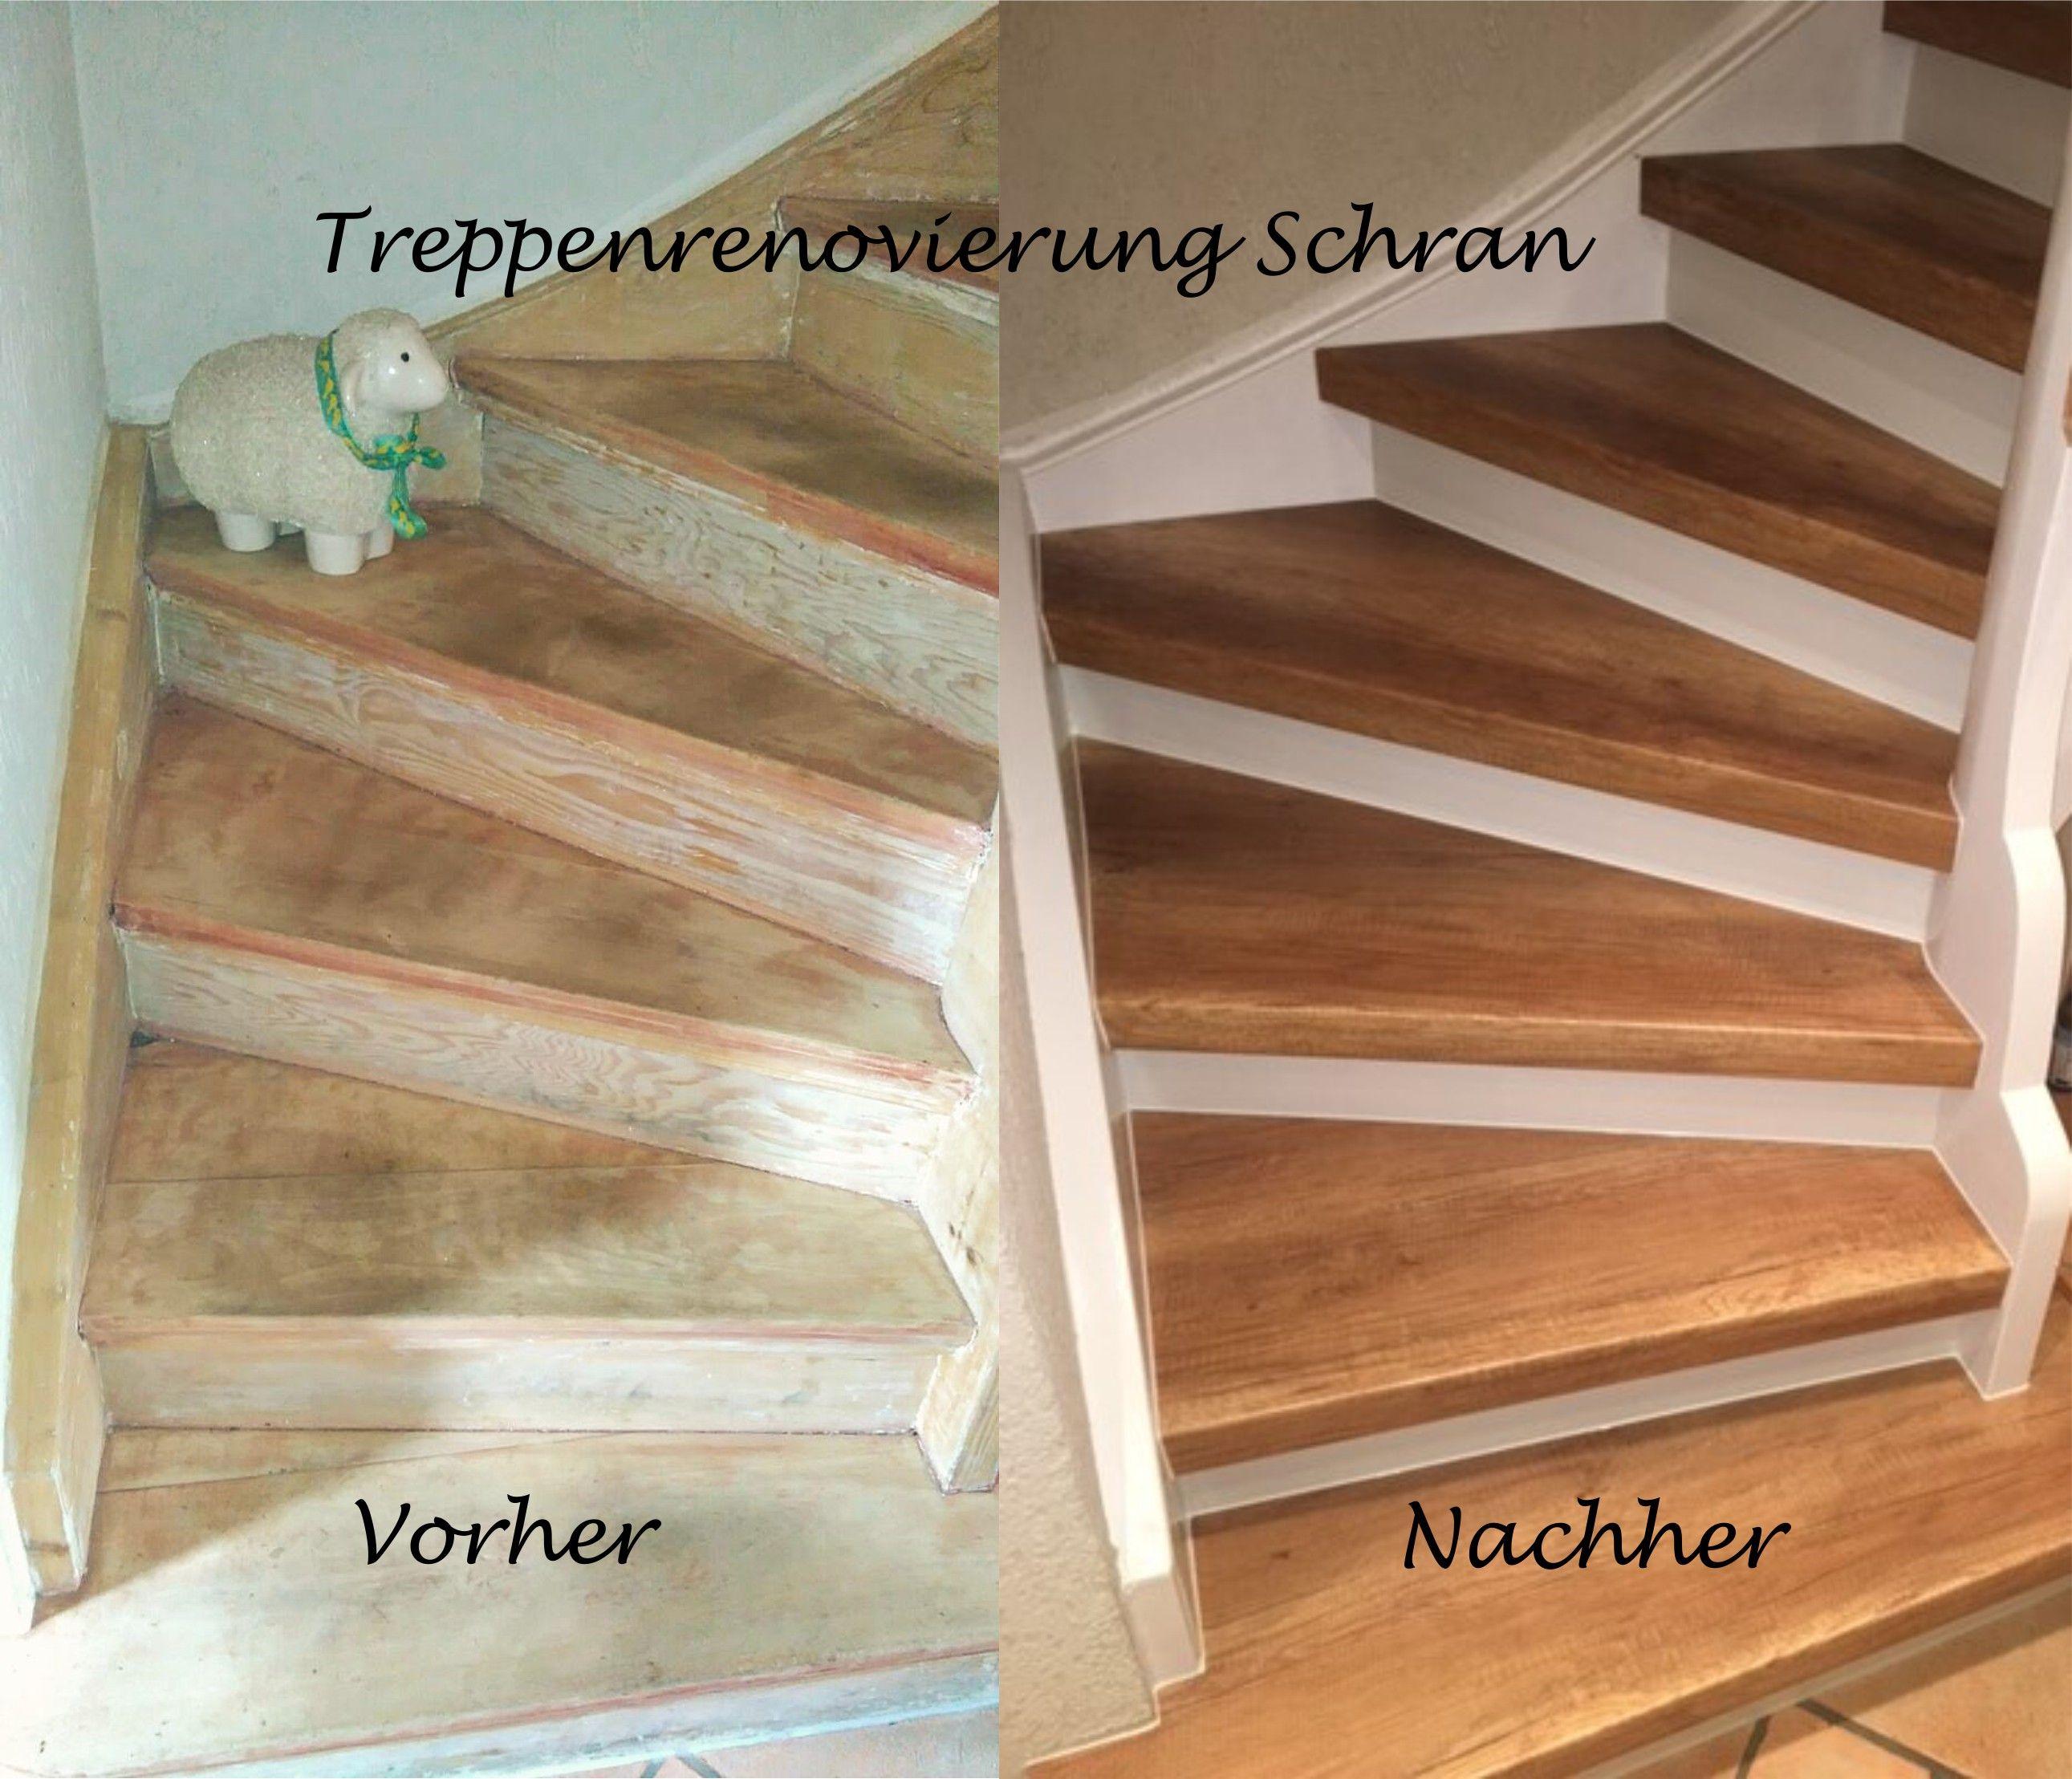 Treppenrenovierung Schran marioschran on Pinterest